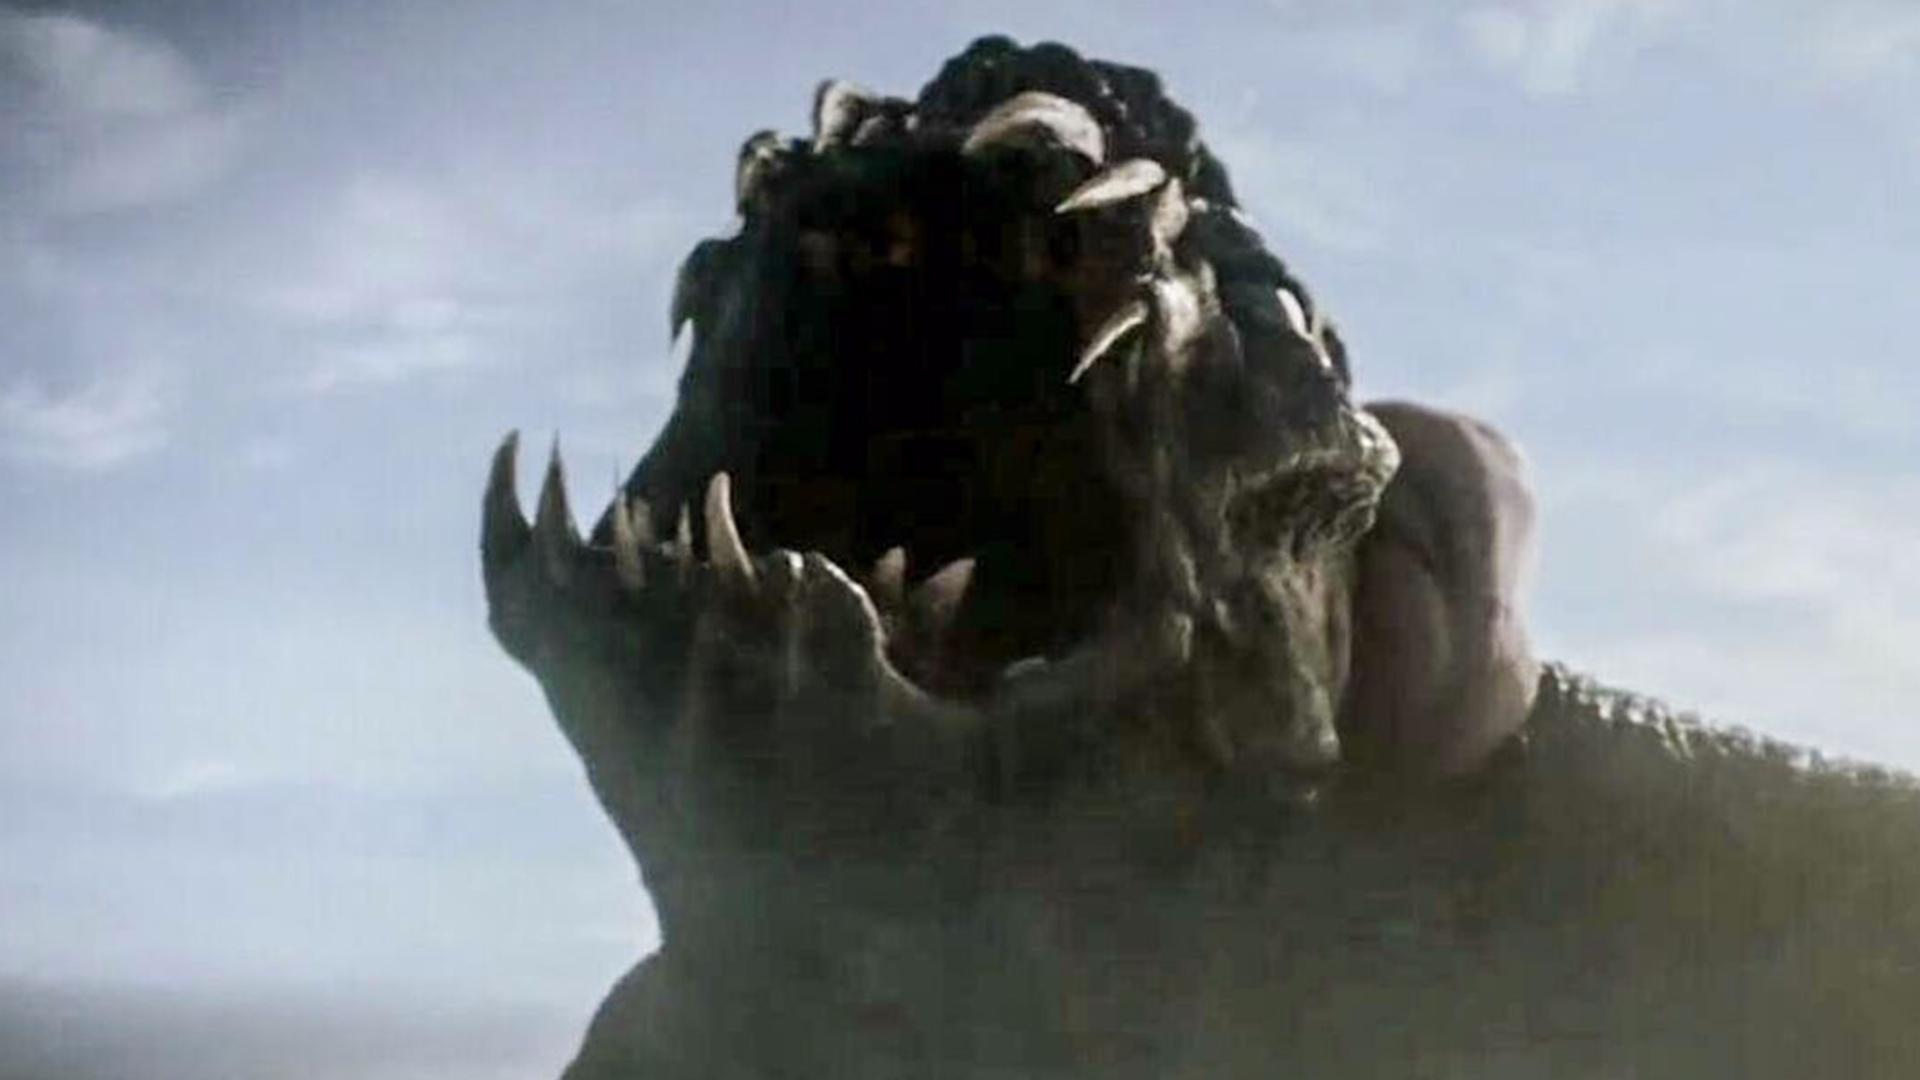 #经典看电影#5分钟解读《科洛弗档案》,平行宇宙碰撞引来一只大怪兽